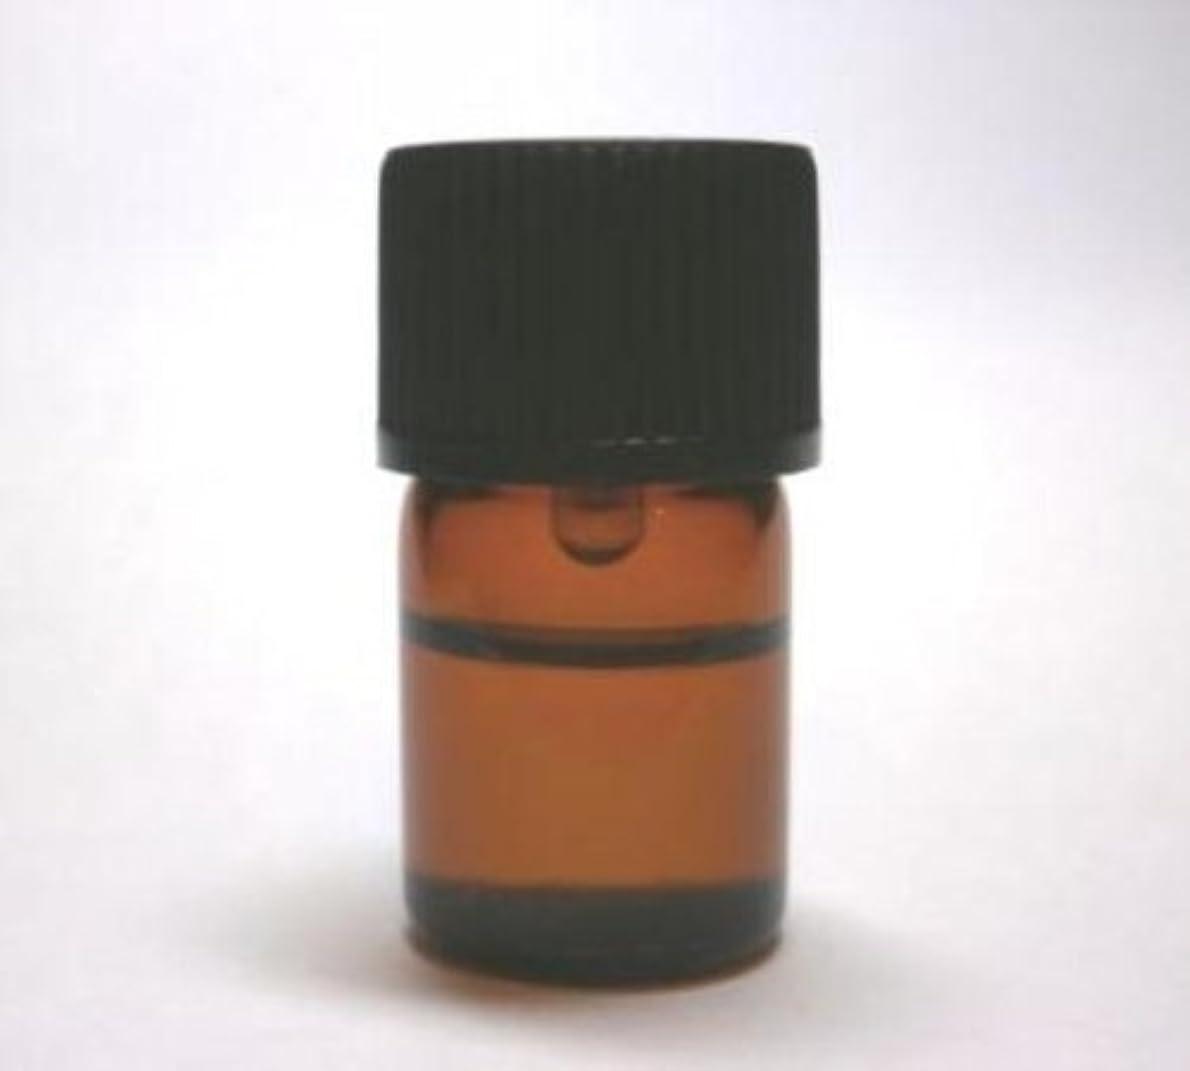 オーナー銅結び目ローズオットー100%:3ml/ローズエッセンシャルオイル/ローズ精油/ローズオイル